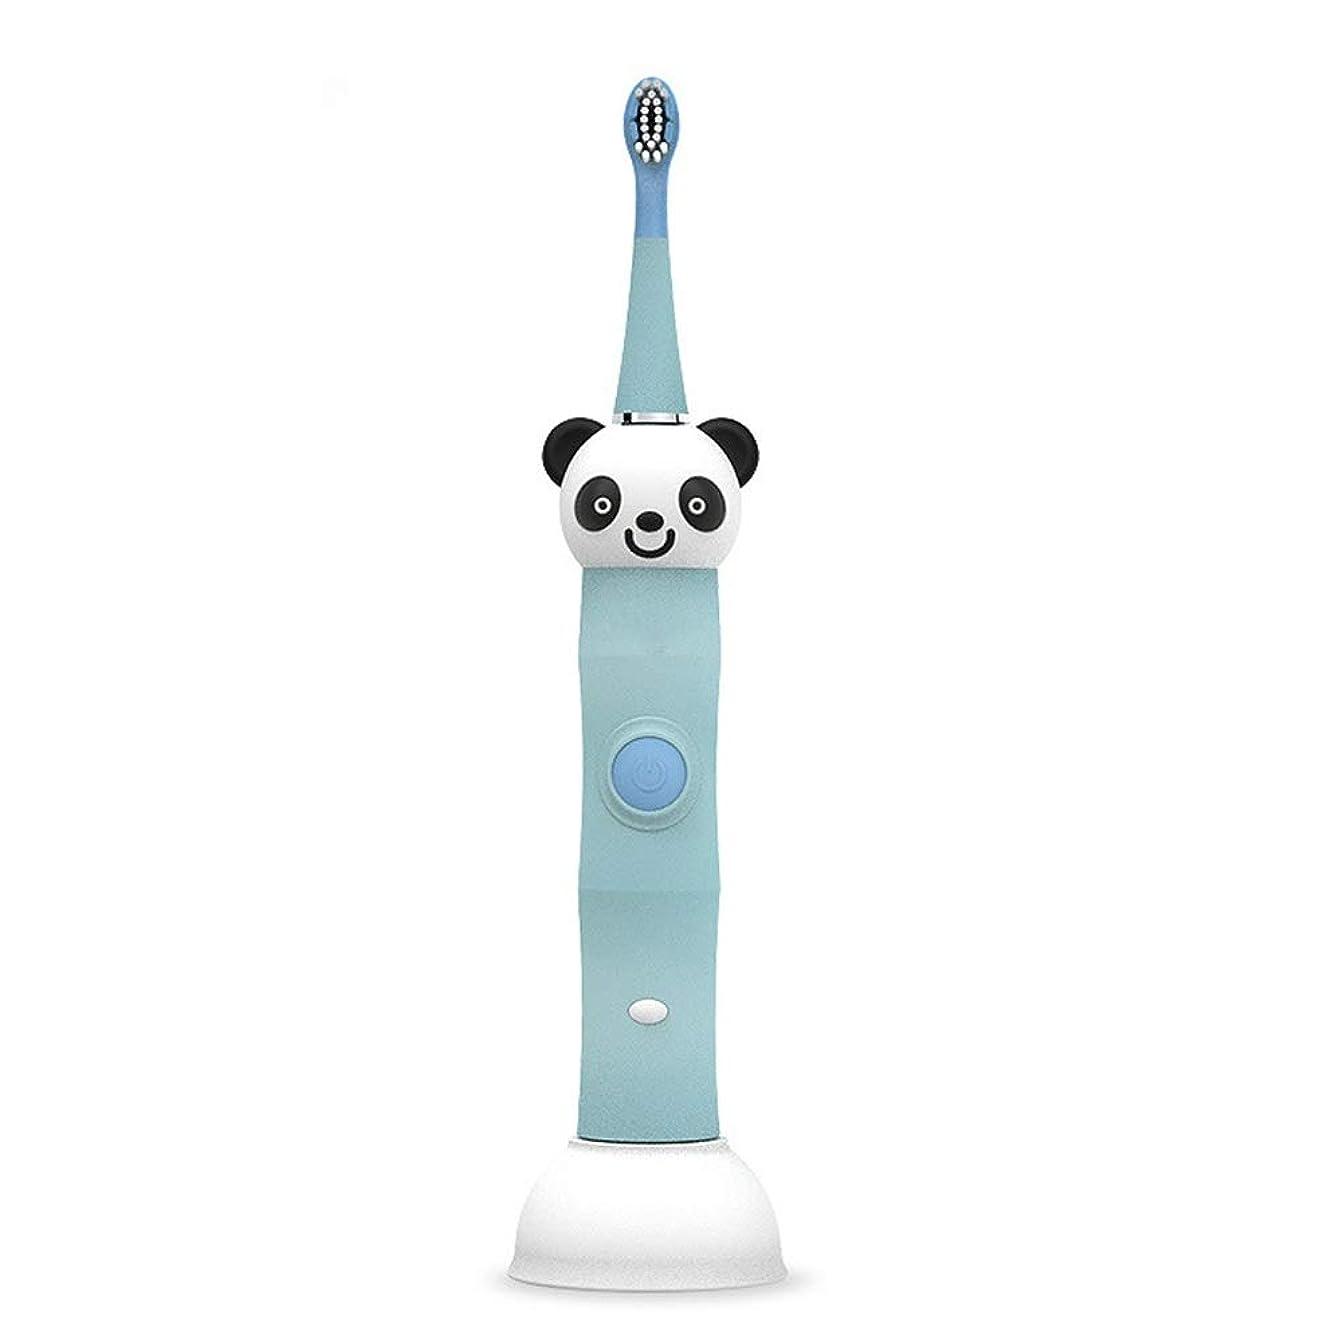 マルクス主義ブランド電球USBの充満基盤の柔らかい毛のきれいな歯ブラシと防水子供の電動歯ブラシ 完全な口腔ケアのために (色 : 青, サイズ : Free size)